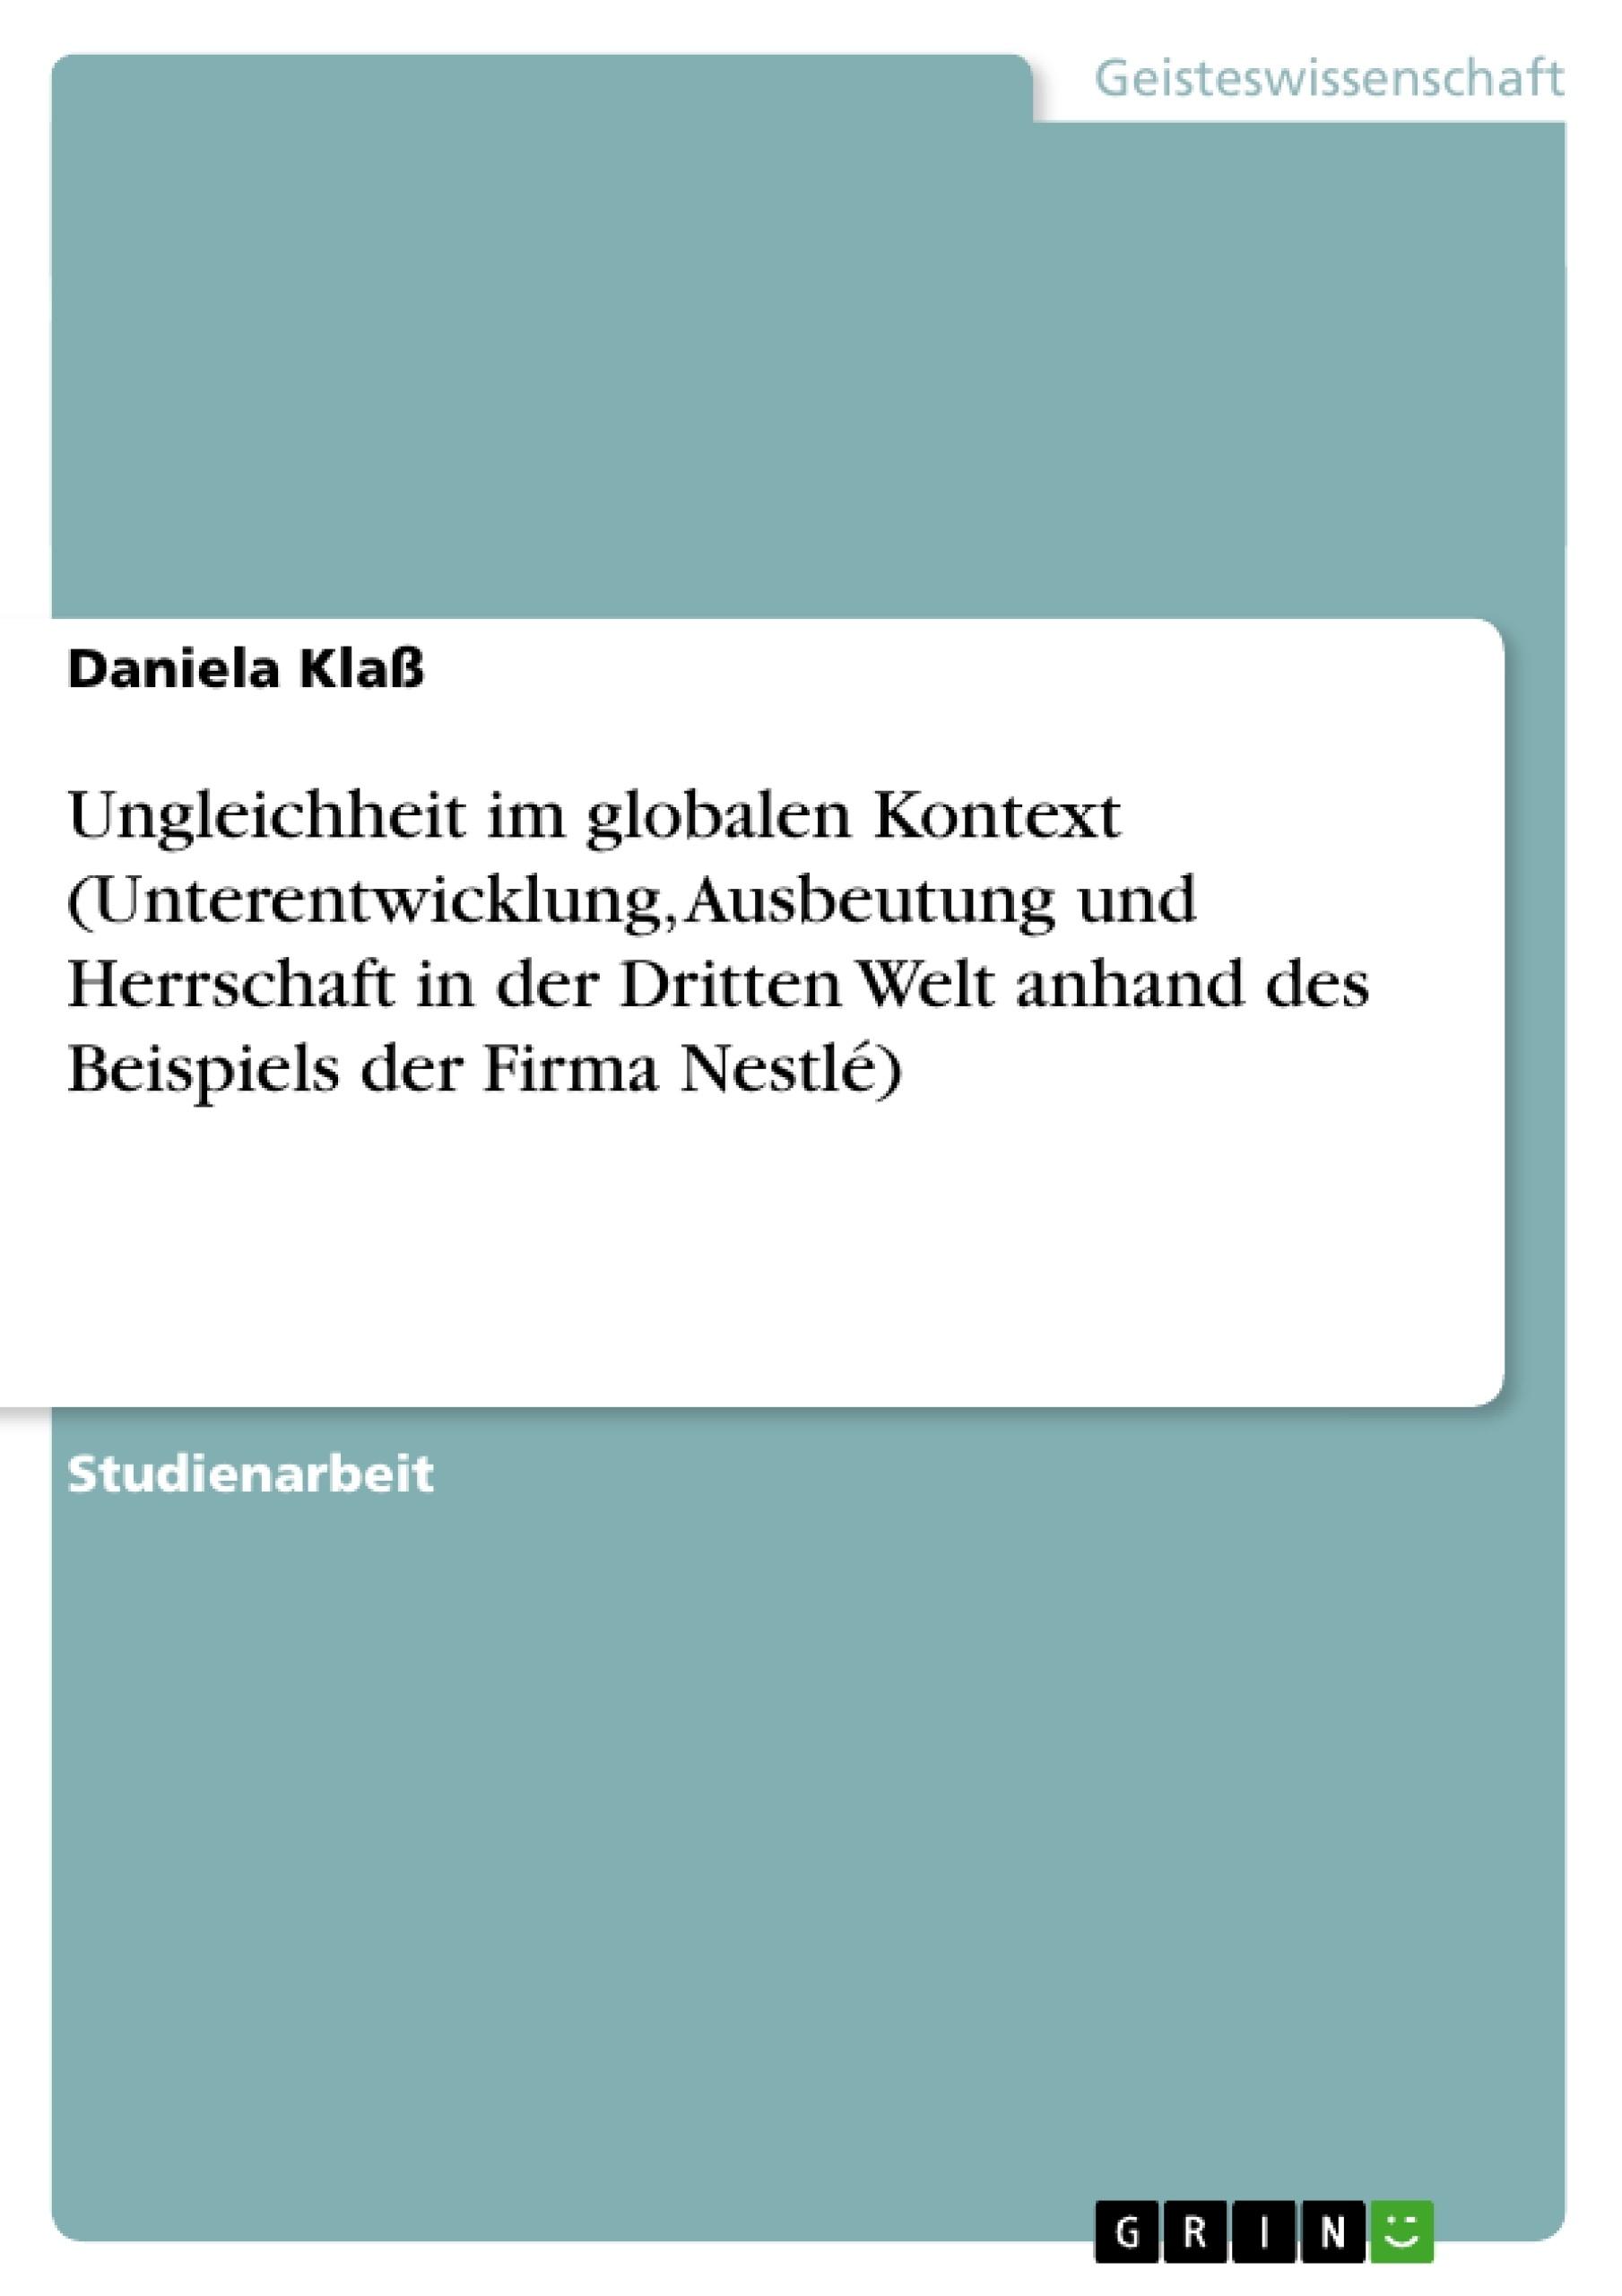 Titel: Ungleichheit im globalen Kontext (Unterentwicklung, Ausbeutung und Herrschaft in der Dritten Welt anhand des Beispiels der Firma Nestlé)